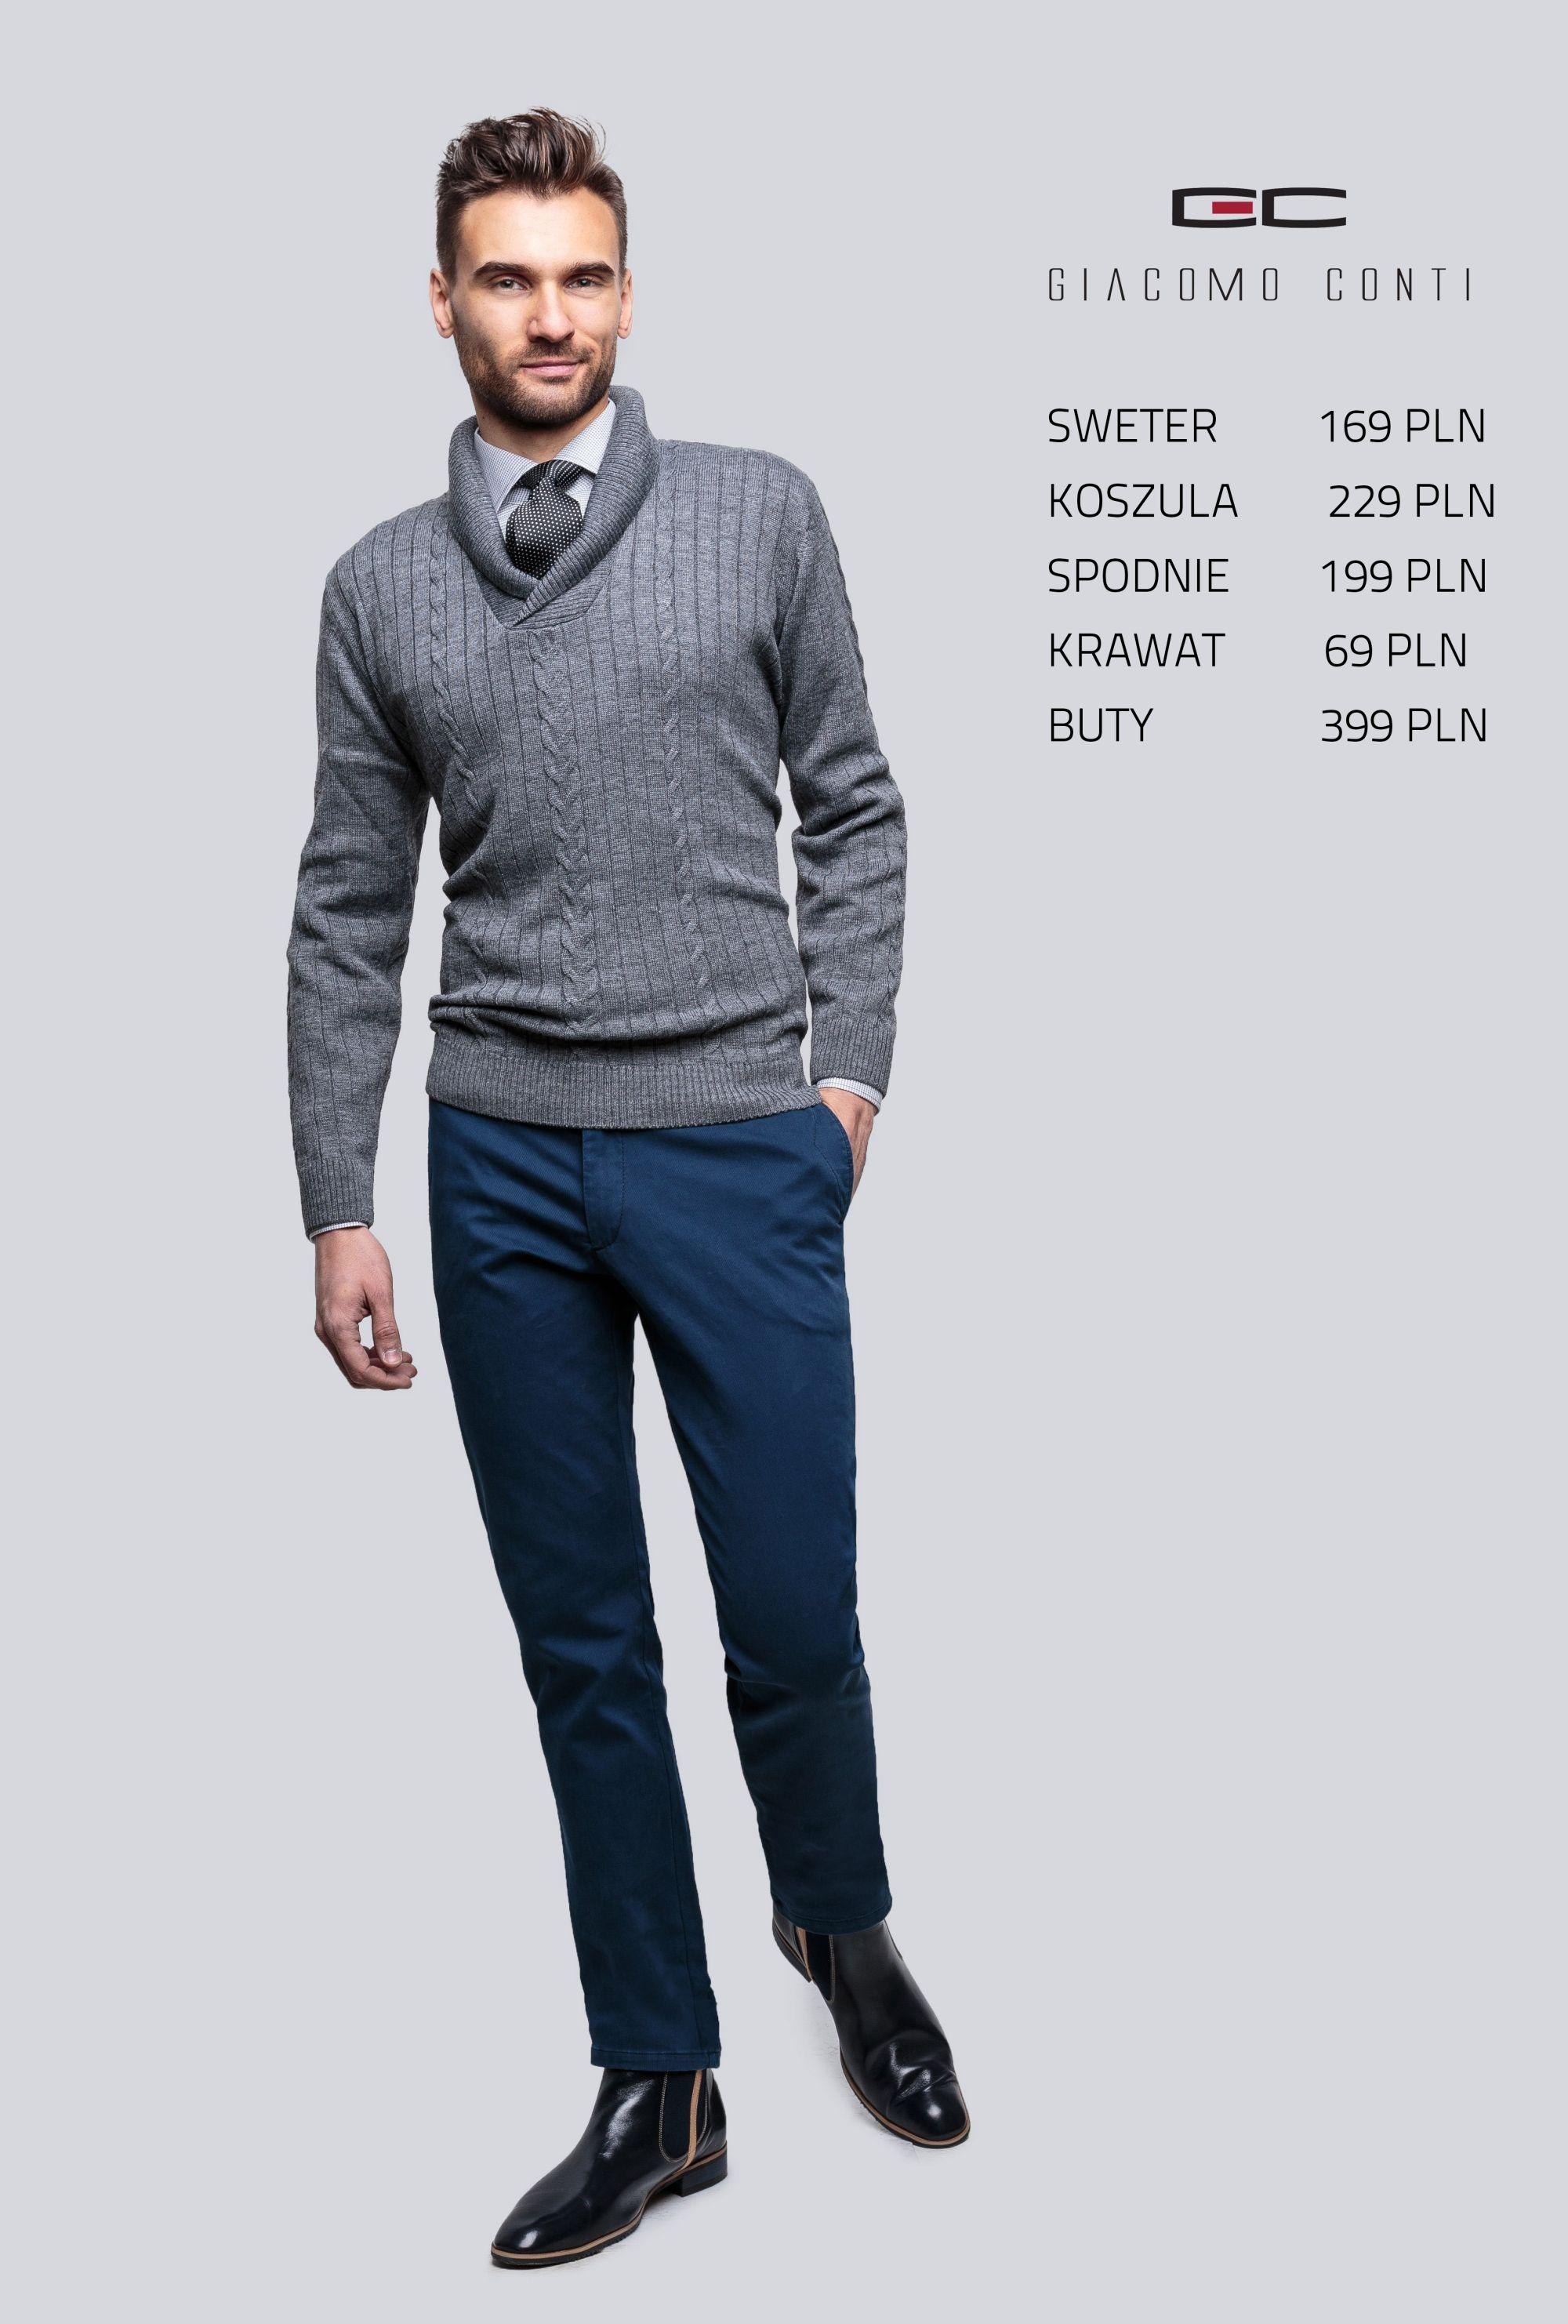 Stylizacja Giacomo Conti Sweter Paolo 14 39 Cs Koszula Michele W 14 09 05 Spodnie Riccardo 14 49 K Koszula Spodnie Giacomoconti